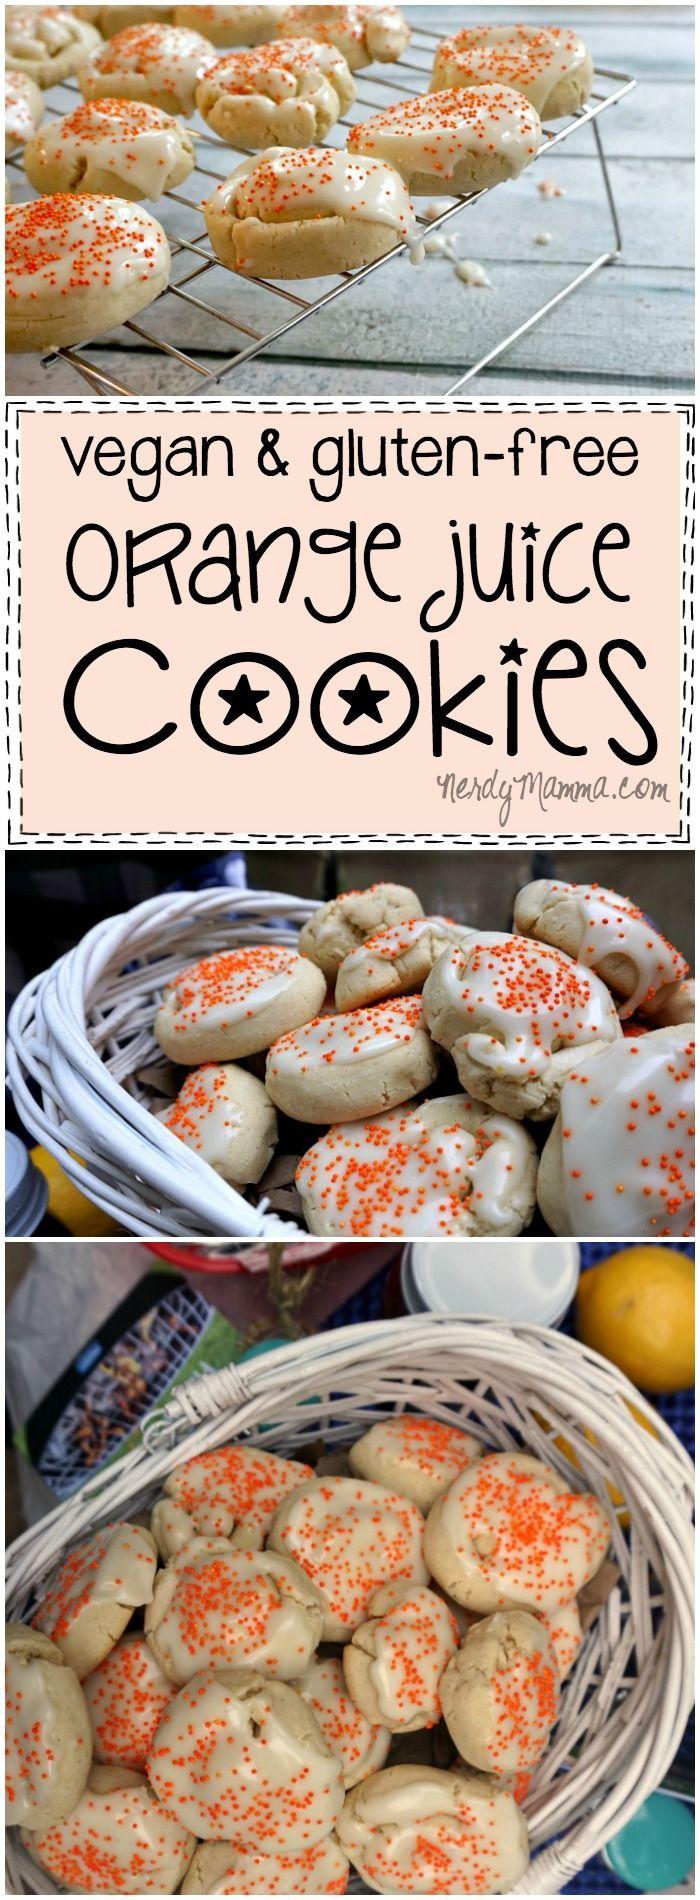 Vegan & Gluten-Free Orange Juice Cookies | Recipe | Foods ...